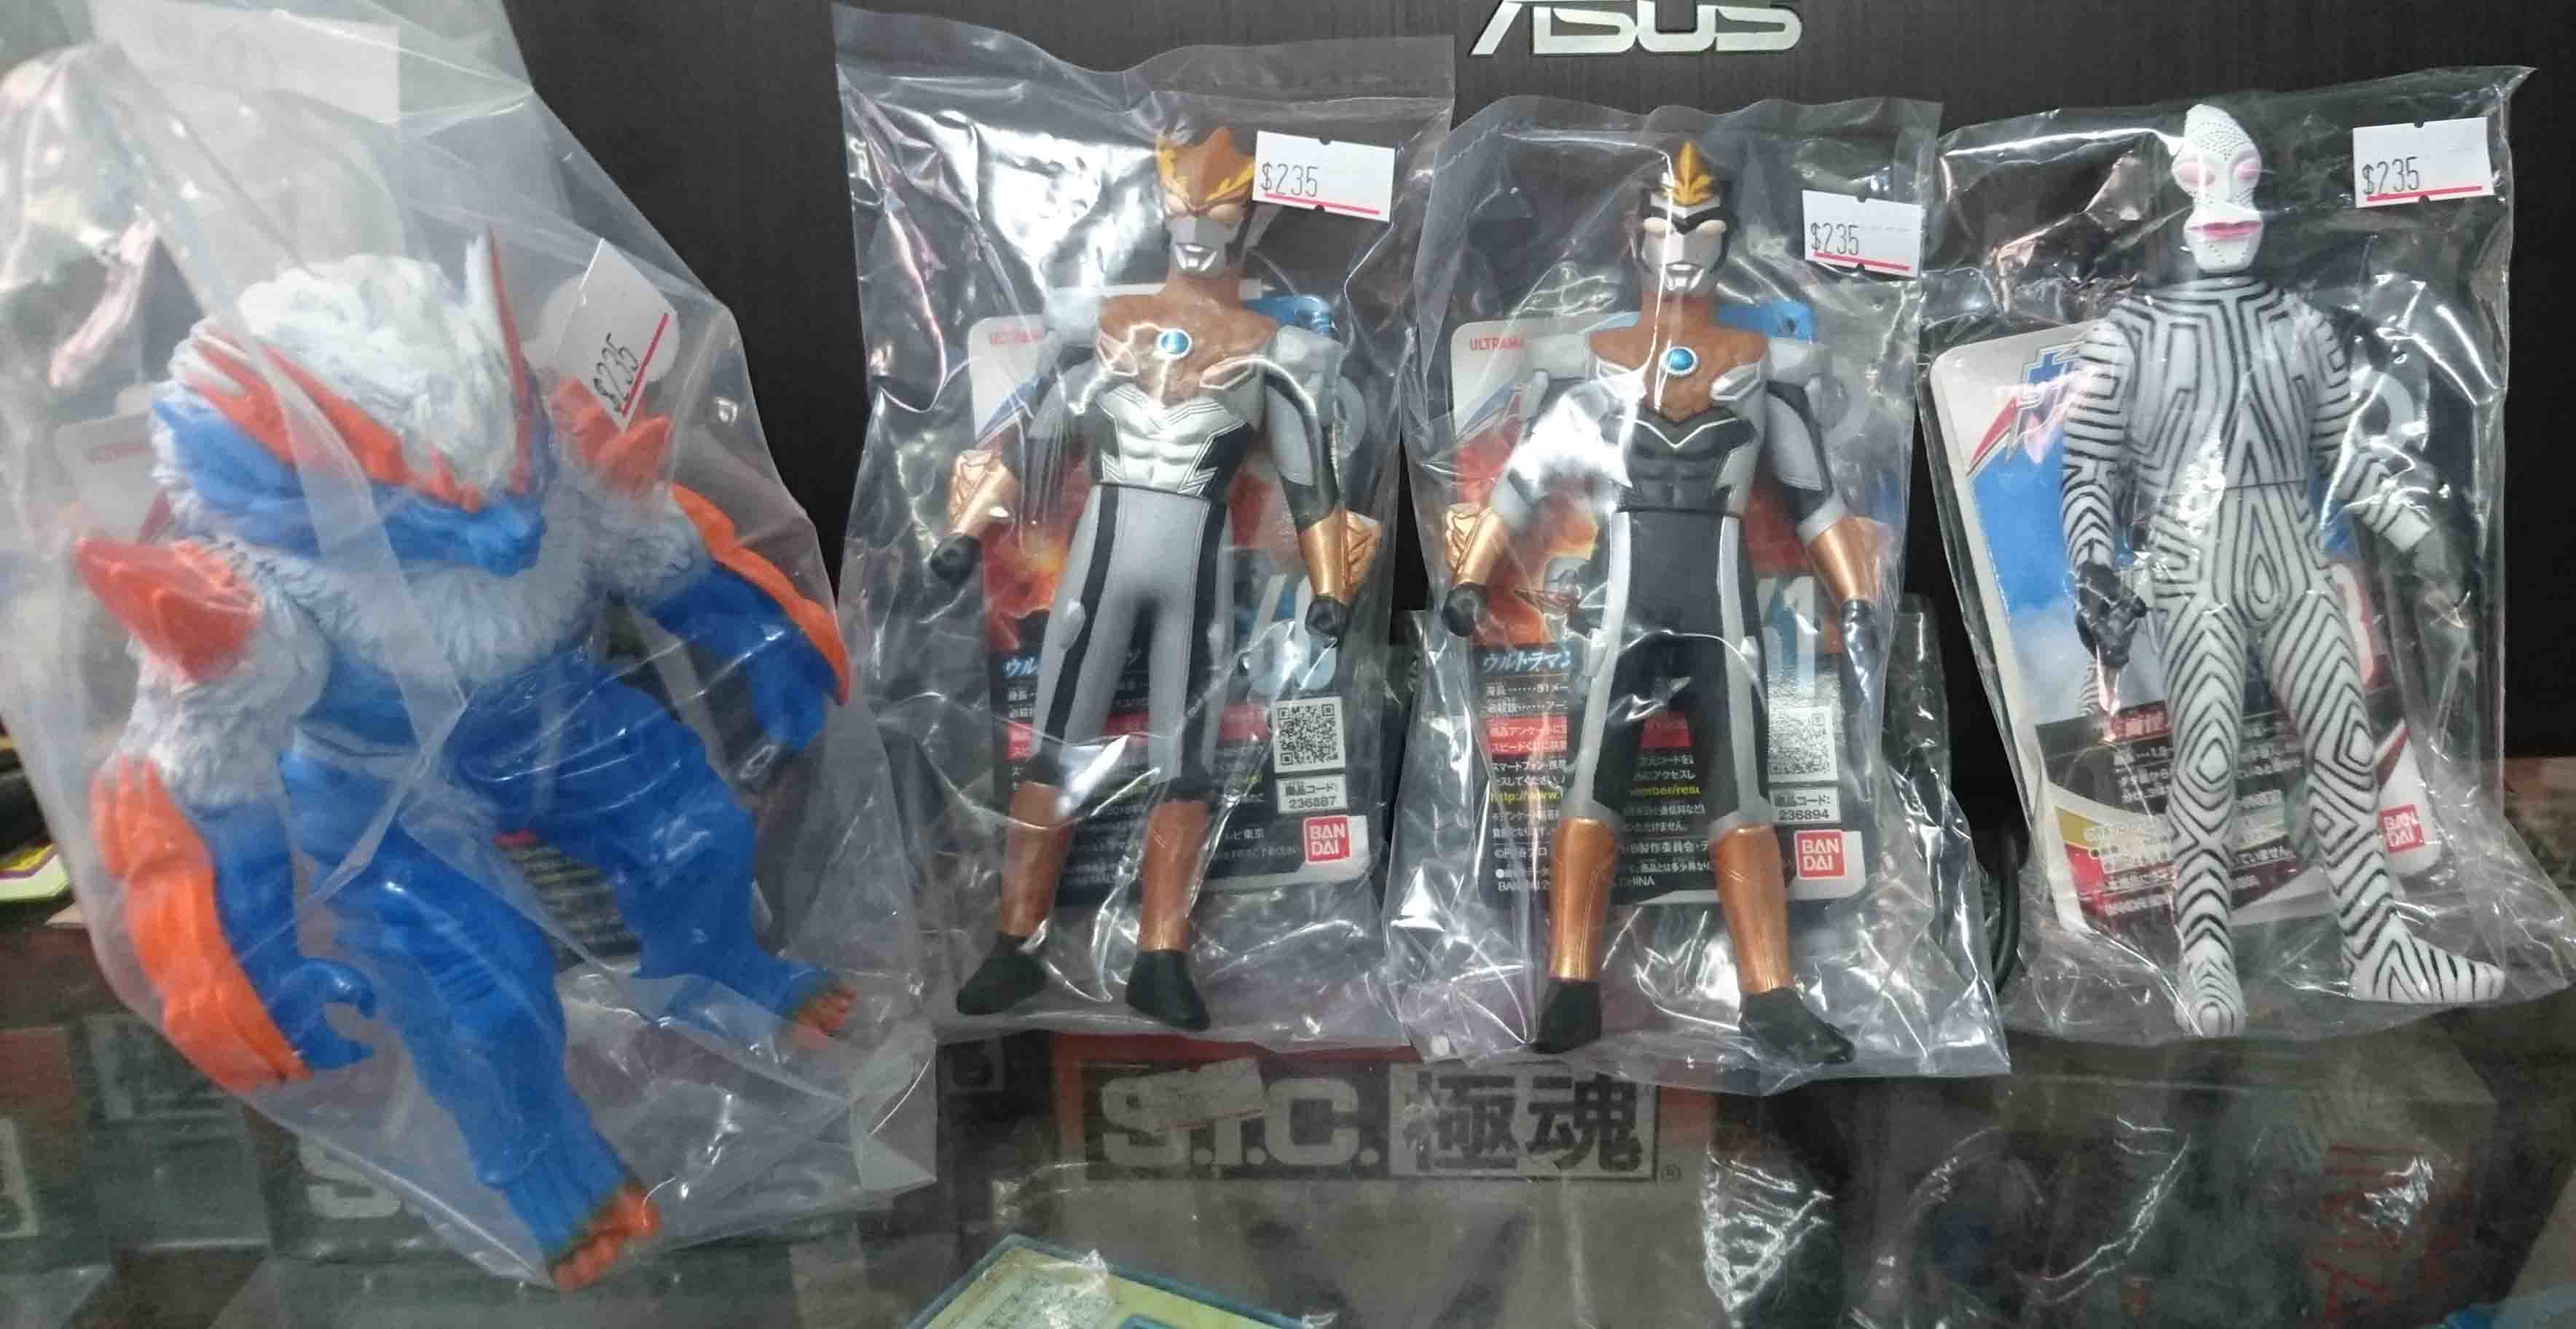 超人力霸王奧特曼軟膠4隻,內含三面怪達達、羅索、布魯、赫羅波羅斯。